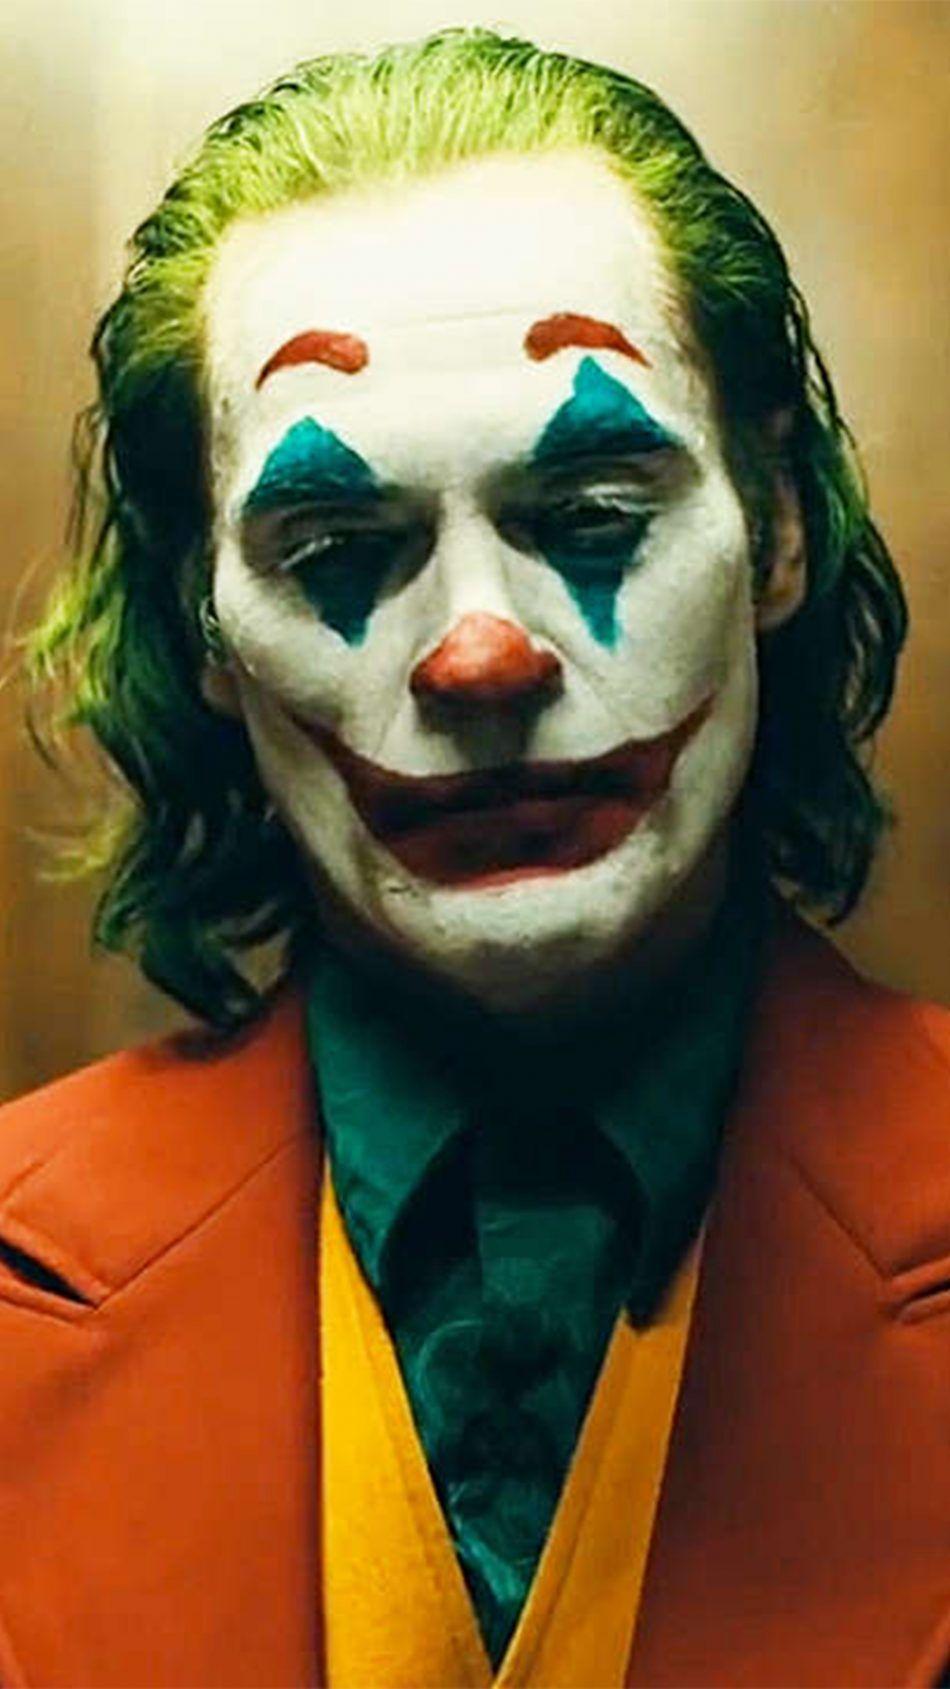 Joker 2020 Wallpapers Top Free Joker 2020 Backgrounds Wallpaperaccess